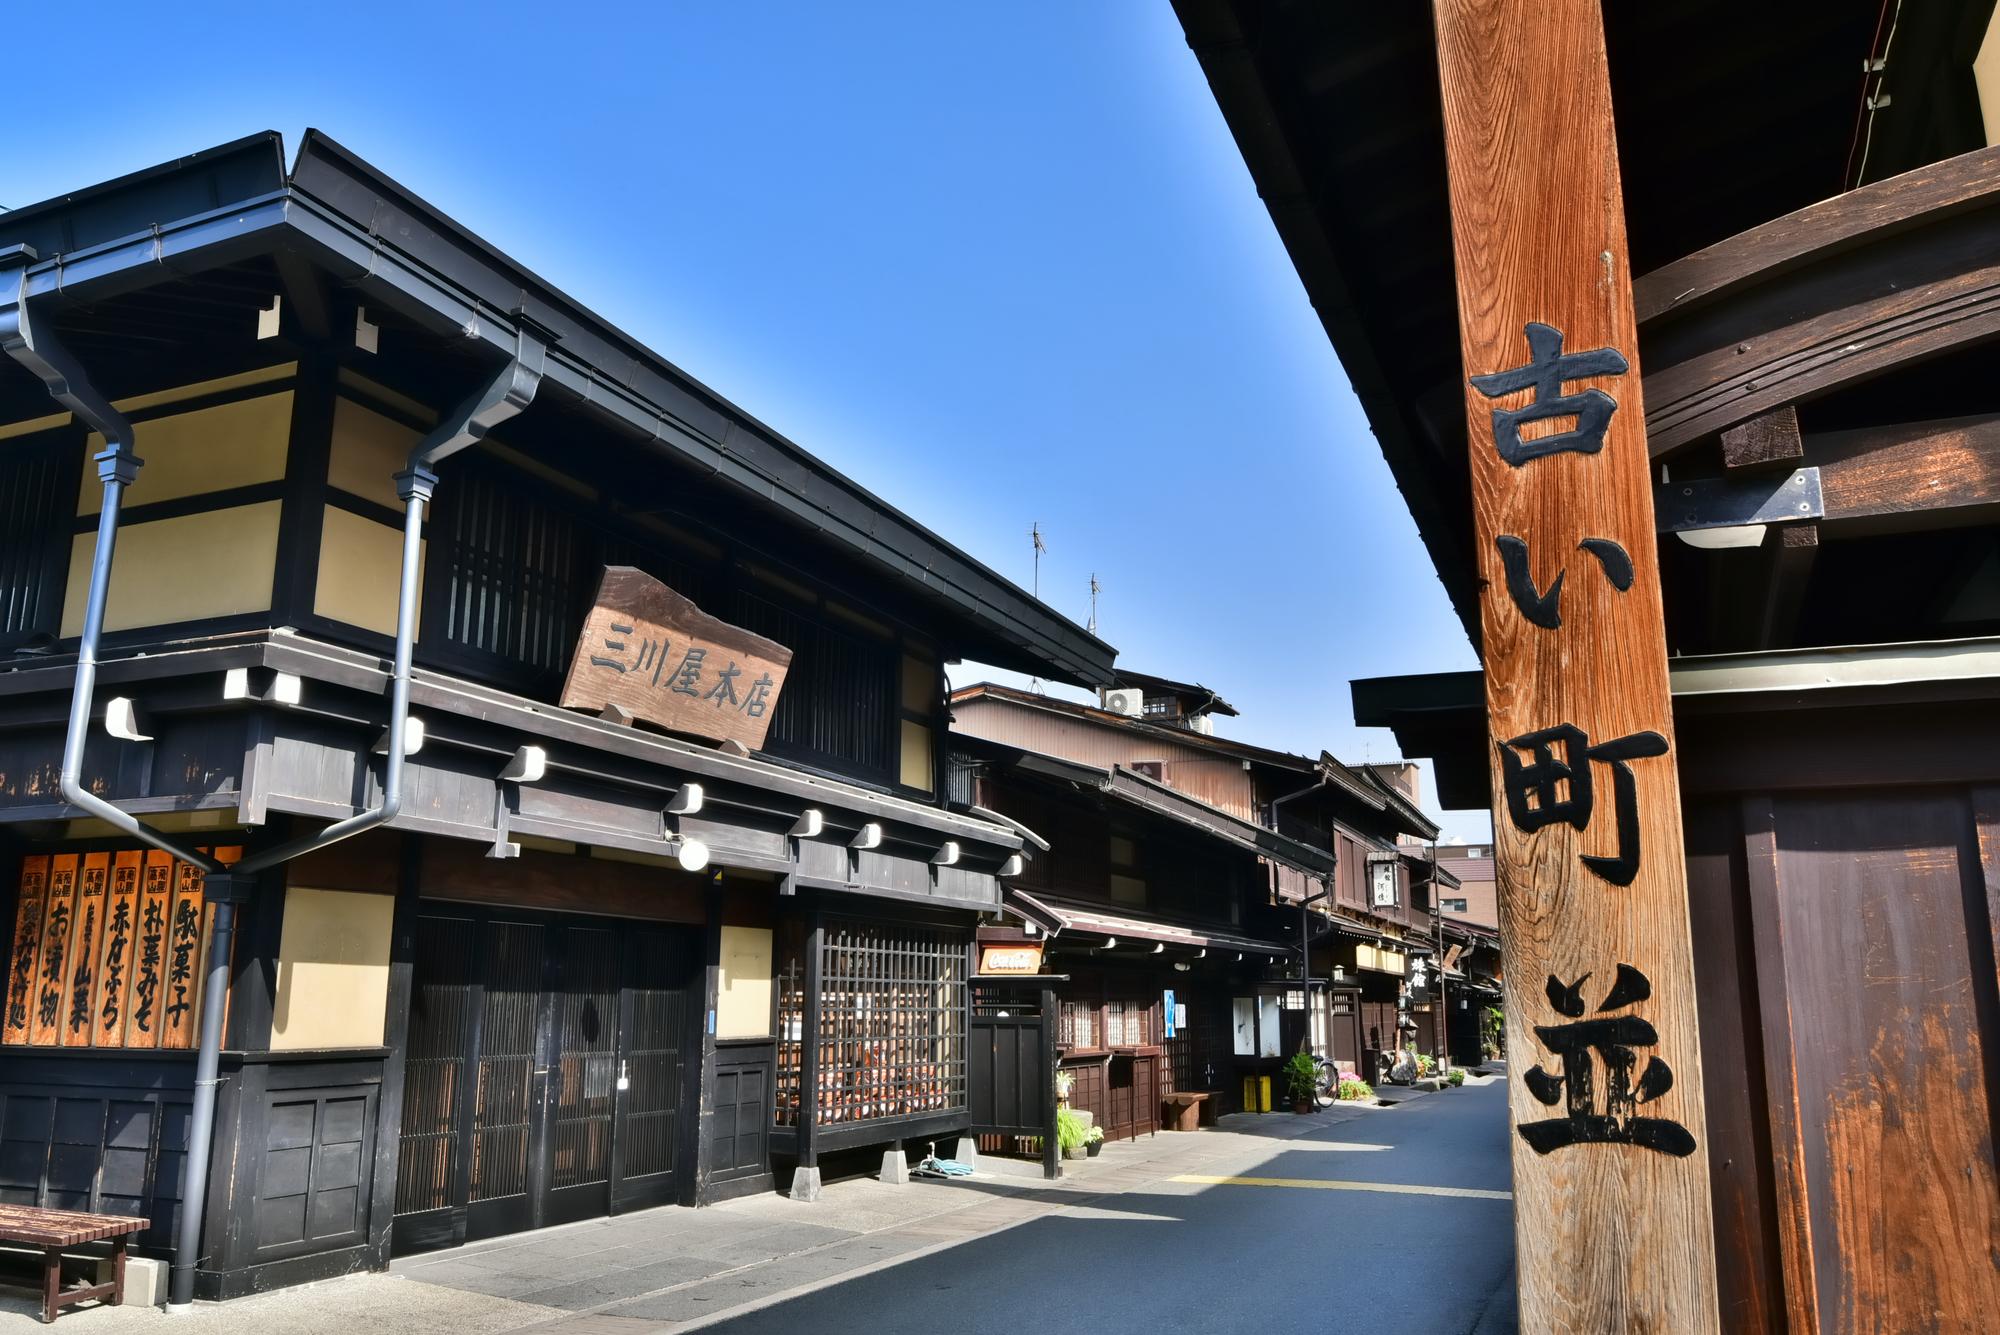 飛騨高山(岐阜県)リゾートバイト案内「高山でリゾバの魅力とは?」